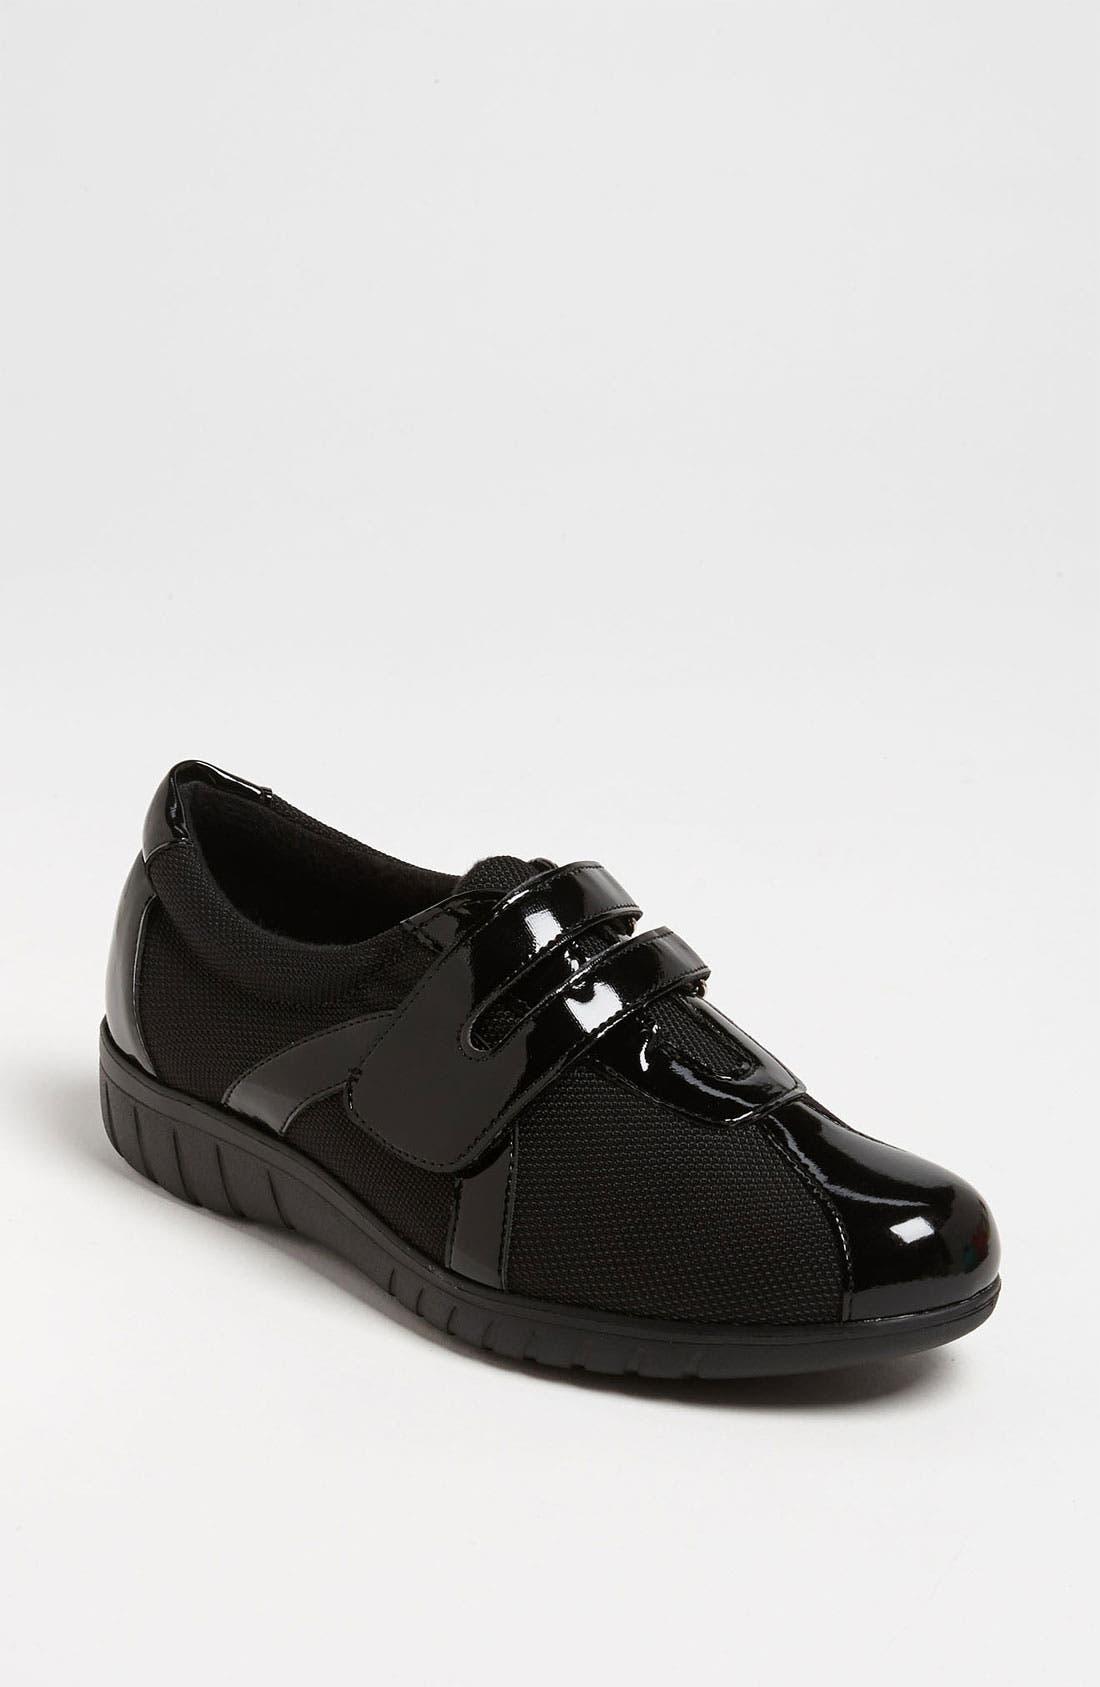 Alternate Image 1 Selected - Munro 'Jewel' Sneaker